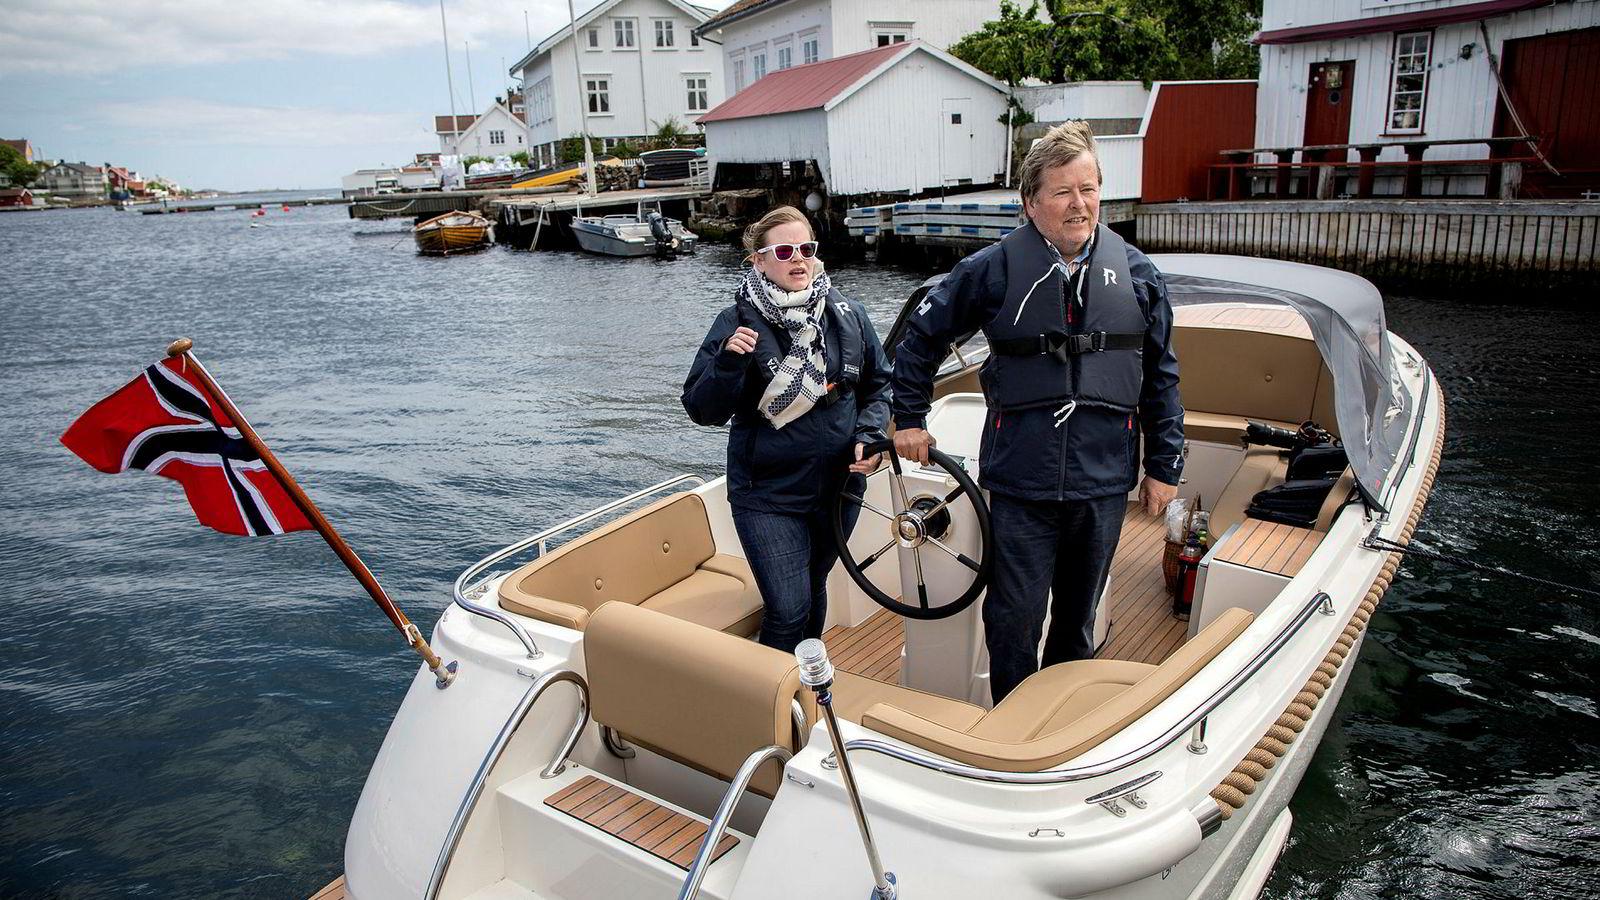 Ole Salomonsen og datteren (og sjef) Ida Salomonsen Thorrud i Green Waves utenfor seilmakeren i idylliske Lyngør tror på en elbåtrevolusjon.